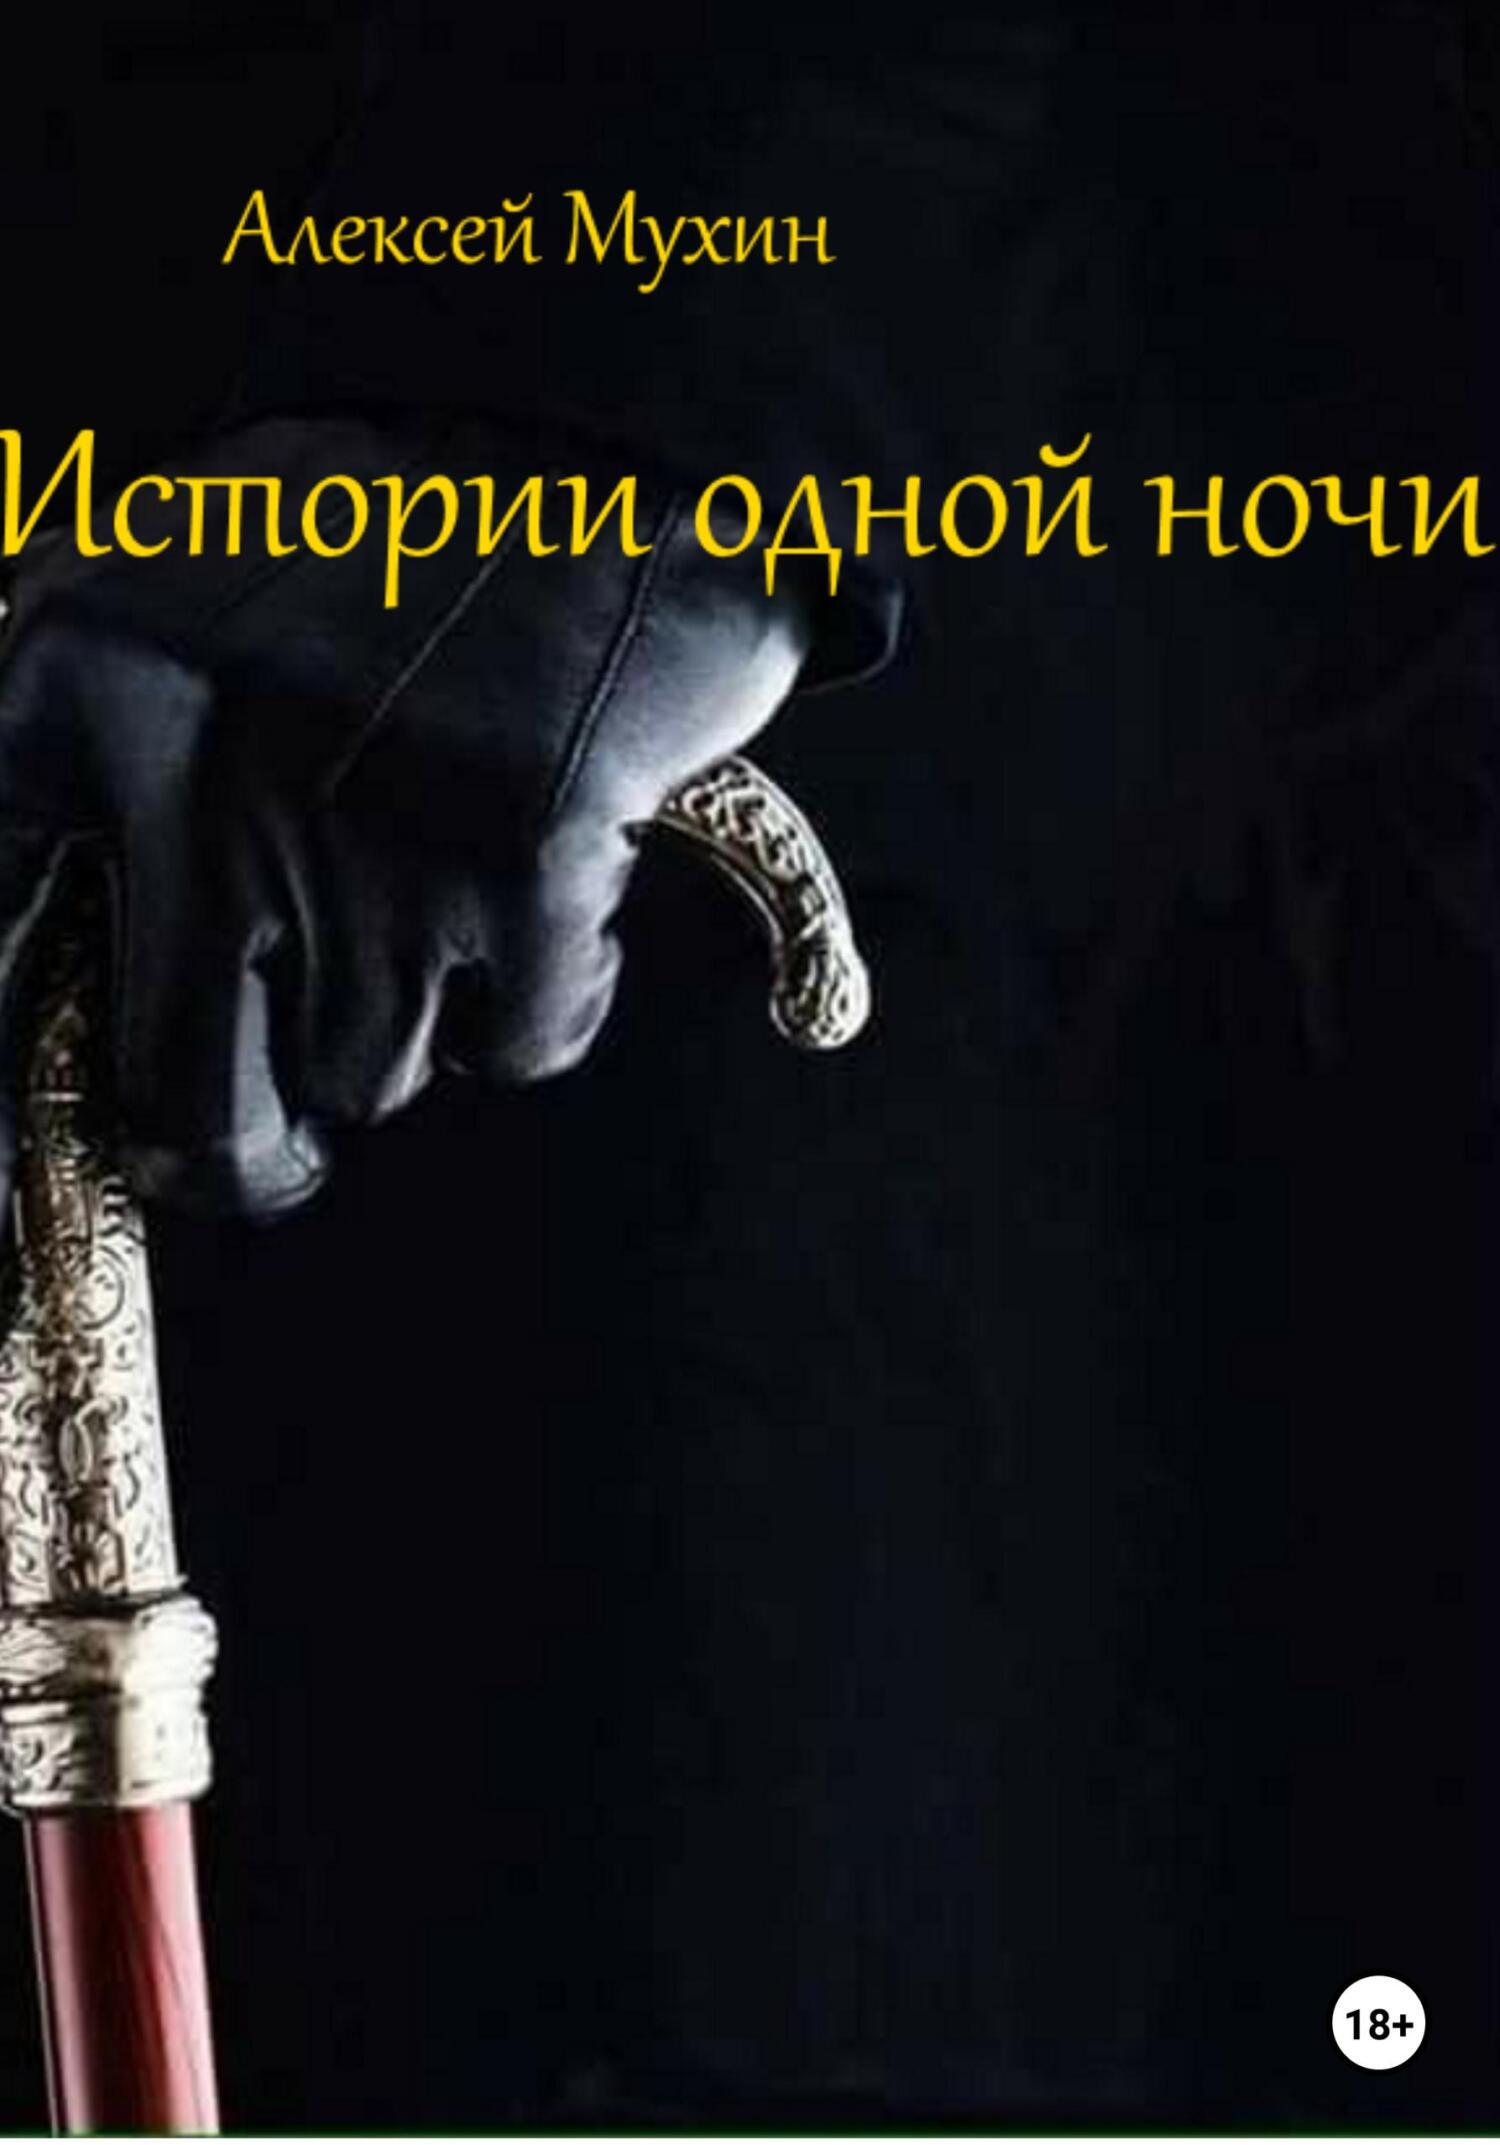 Купить книгу Истории одной ночи, автора Алексея Аркадьевича Мухина